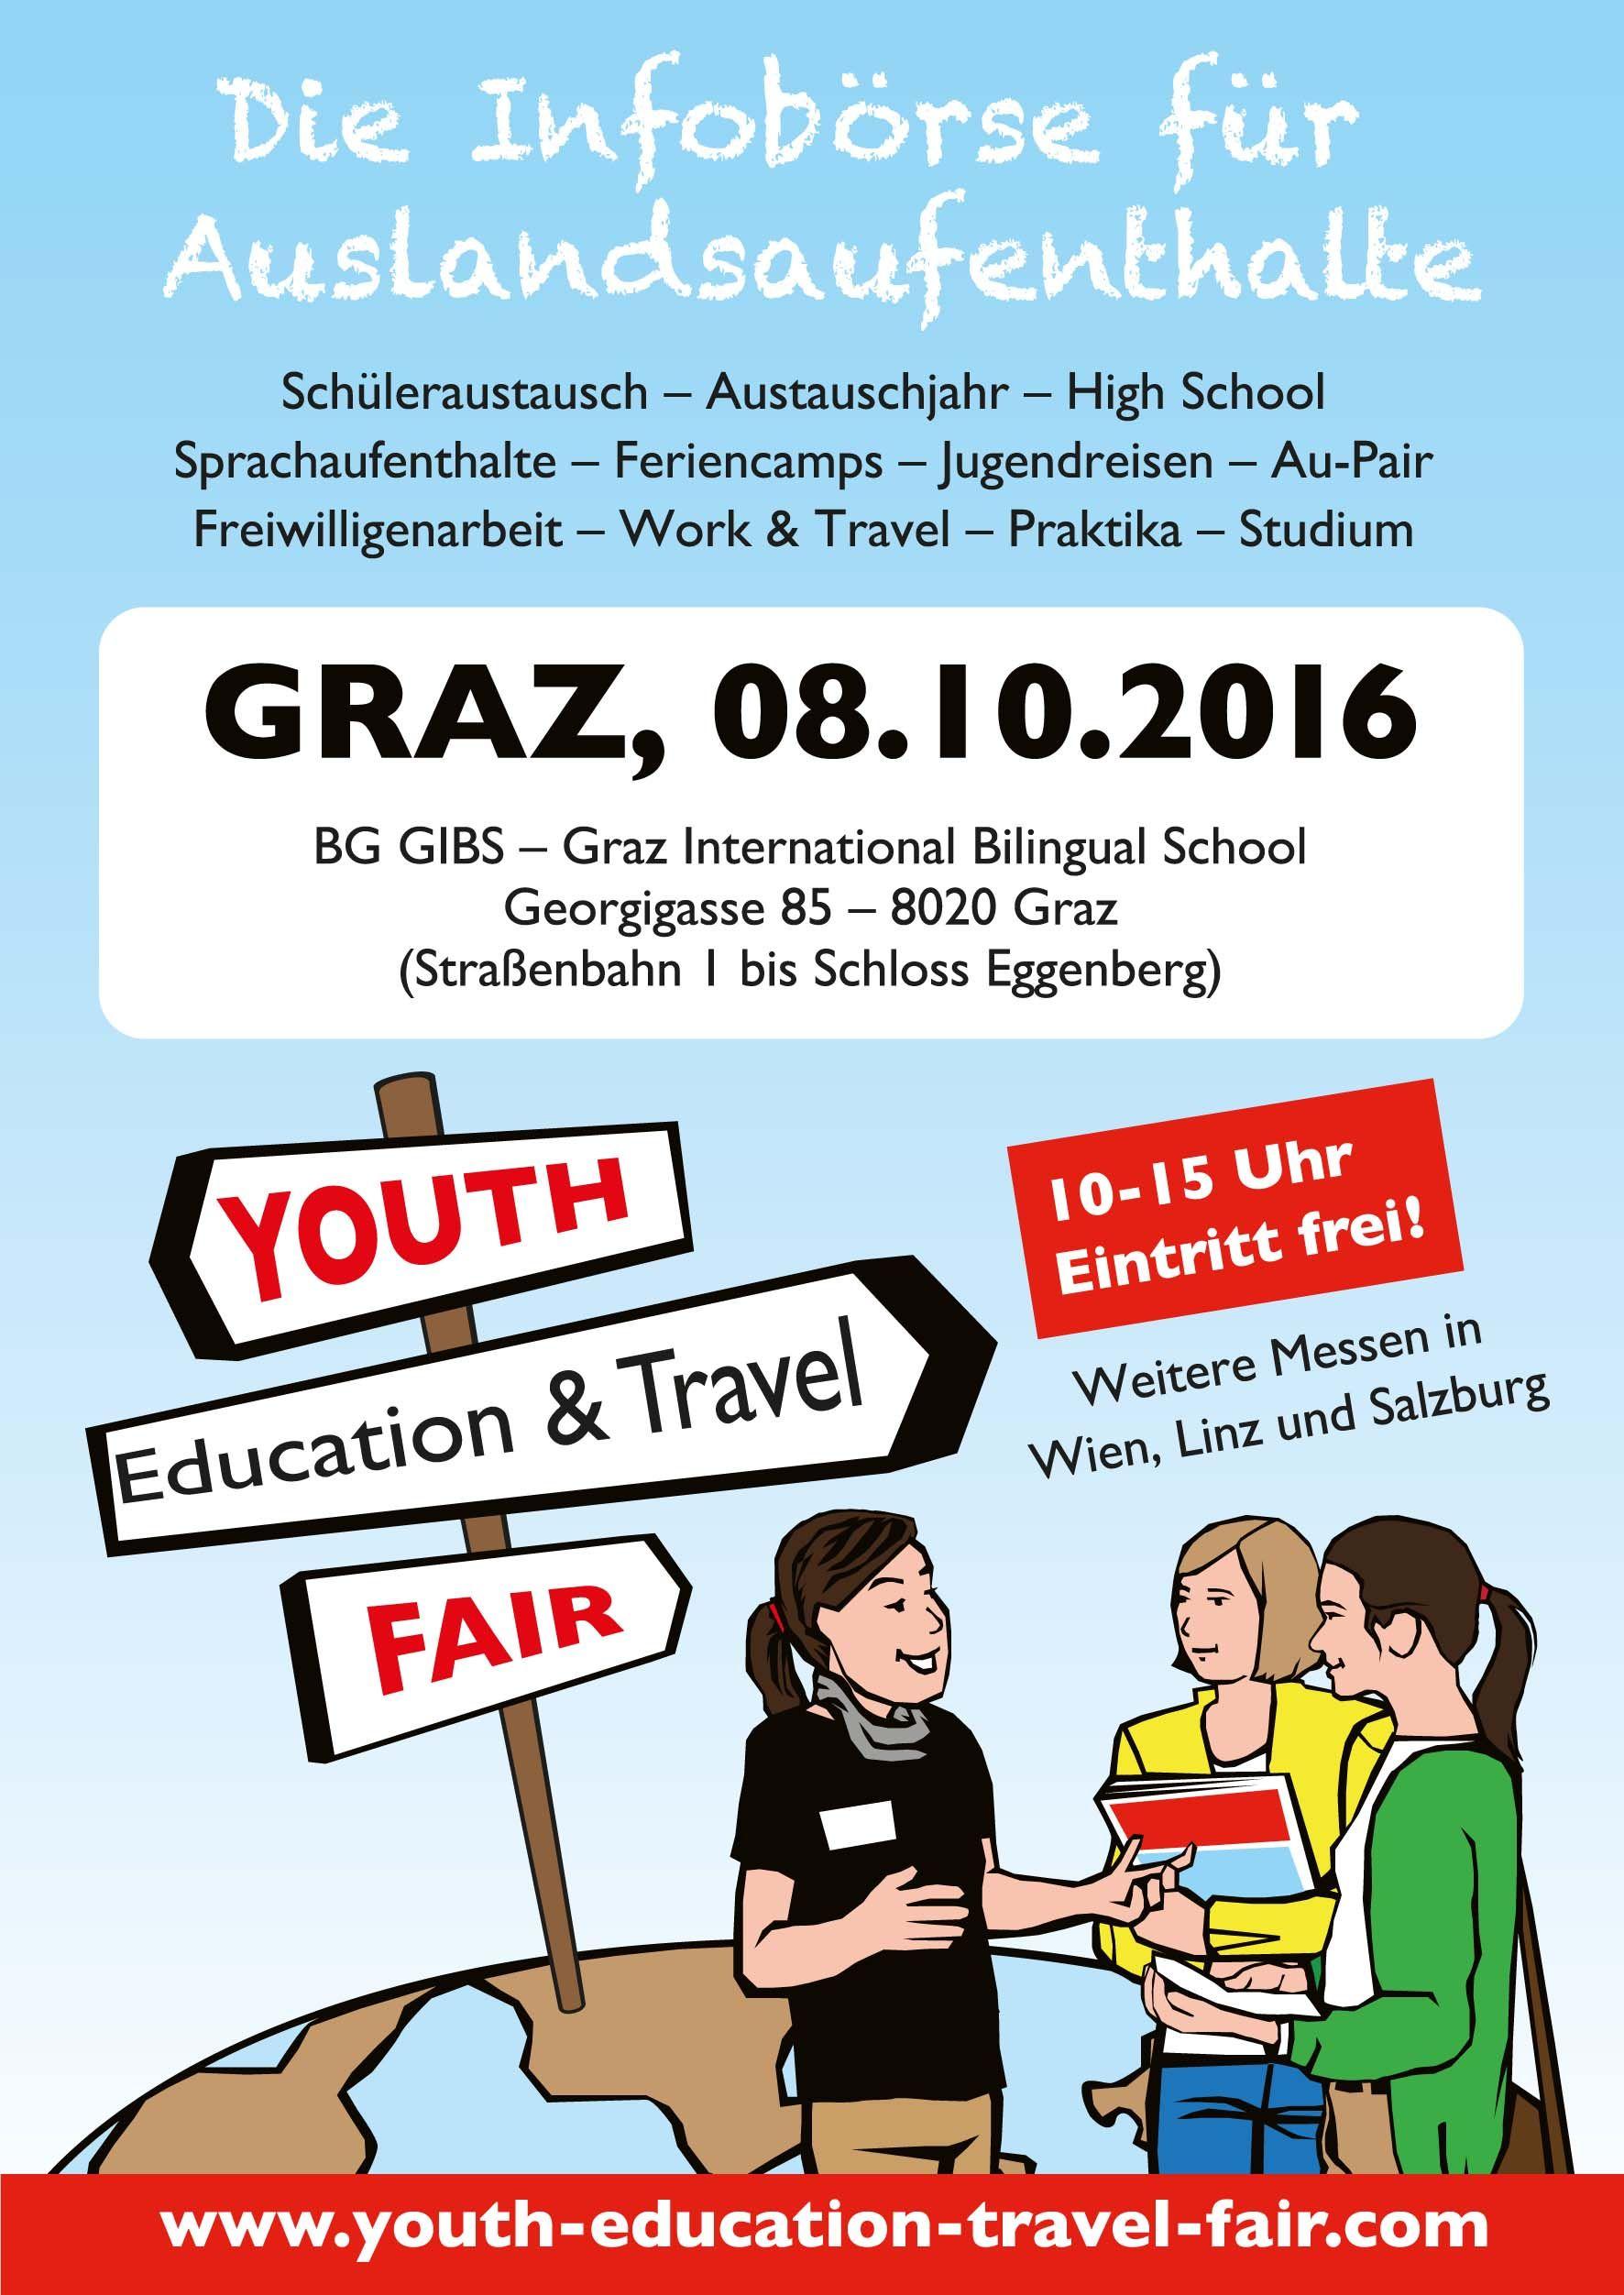 YETF Graz 08.10.2016 #Graz #Steiermark #Jugendliche #Reisen